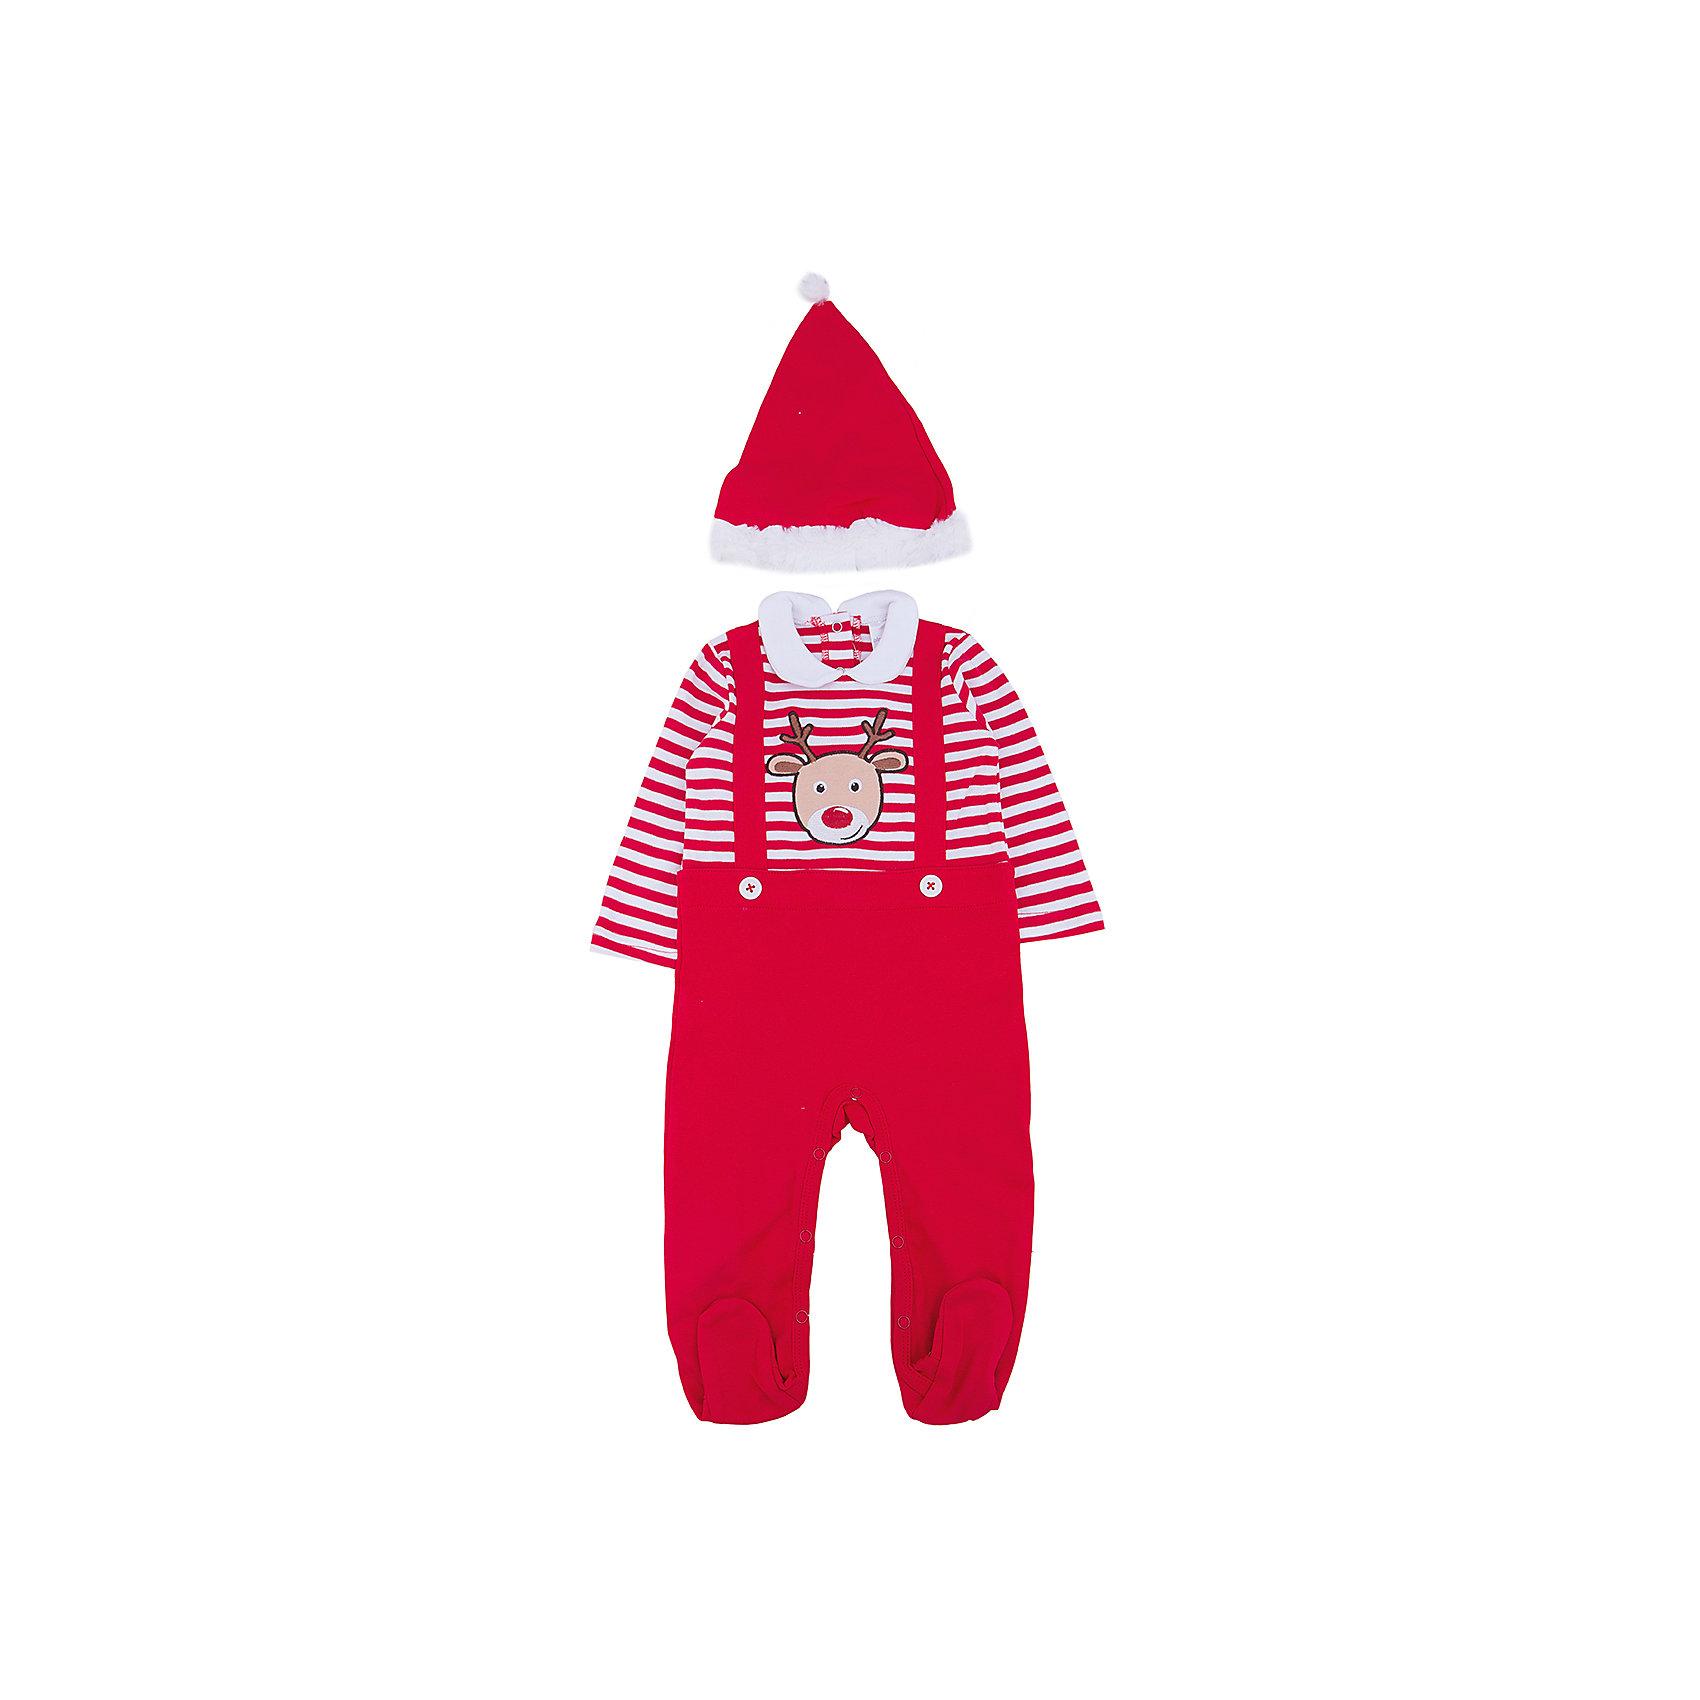 Карнавальный костюм для мальчика PlayTodayДля мальчиков<br>Характеристики:<br><br>• Вид одежды: боди<br>• Предназначение: карнавальный костюм, праздничная одежда<br>• Пол: для мальчика<br>• Сезон: новогодние праздники<br>• Материал: хлопок – 100%<br>• Цвет: белый, красный<br>• Рукав: длинный<br>• Вырез горловины: круглый, отложной воротничок<br>• Застежка: кнопки на спинке и внизу<br>• Наличие колпака Санта Клауса<br>• Особенности ухода: ручная стирка без применения отбеливающих средств, глажение при низкой температуре <br><br>PlayToday – это линейка детской одежды, которая предназначена как для повседневности, так и для праздников. Большинство моделей выполнены в классическом стиле, сочетающем в себе традиции с яркими стильными элементами и аксессуарами. Весь ассортимент одежды сочетается между собой по стилю и цветовому решению, поэтому Вам будет легко сформировать гардероб вашего ребенка, который отражает его индивидуальность. <br>Карнавальный костюм для мальчика PlayToday – яркий, стильный и оригинальный наряд по типу боди для новогодних праздников. Боди с выполнено из 100% хлопка. У боди стильный дизайн – полосатый верх, на груди имеется имитация подтяжек и яркая наклейка в виде оленя, штанишки – однотонные. Боди удобно надевать и снимать: все застежки имеют кнопки. Для законченности образа предусмотрена шапка-колпак. <br><br>Карнавальный костюм для мальчика PlayToday можно купить в нашем интернет-магазине.<br><br>Ширина мм: 157<br>Глубина мм: 13<br>Высота мм: 119<br>Вес г: 200<br>Цвет: красный<br>Возраст от месяцев: 2<br>Возраст до месяцев: 5<br>Пол: Мужской<br>Возраст: Детский<br>Размер: 62,68,74<br>SKU: 5059451